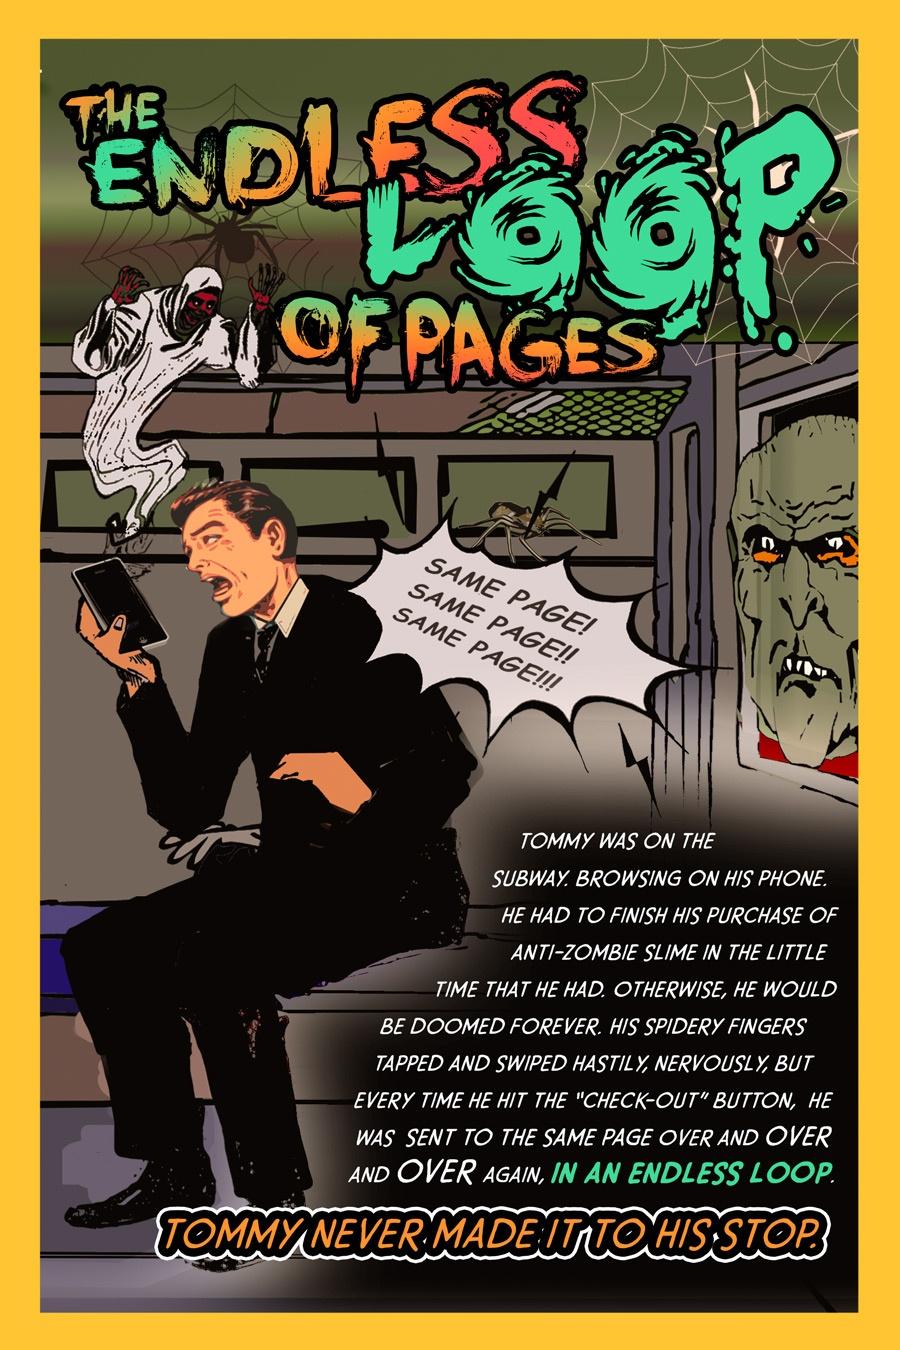 HalloweenPostcard-4-LoopPages-01.jpg